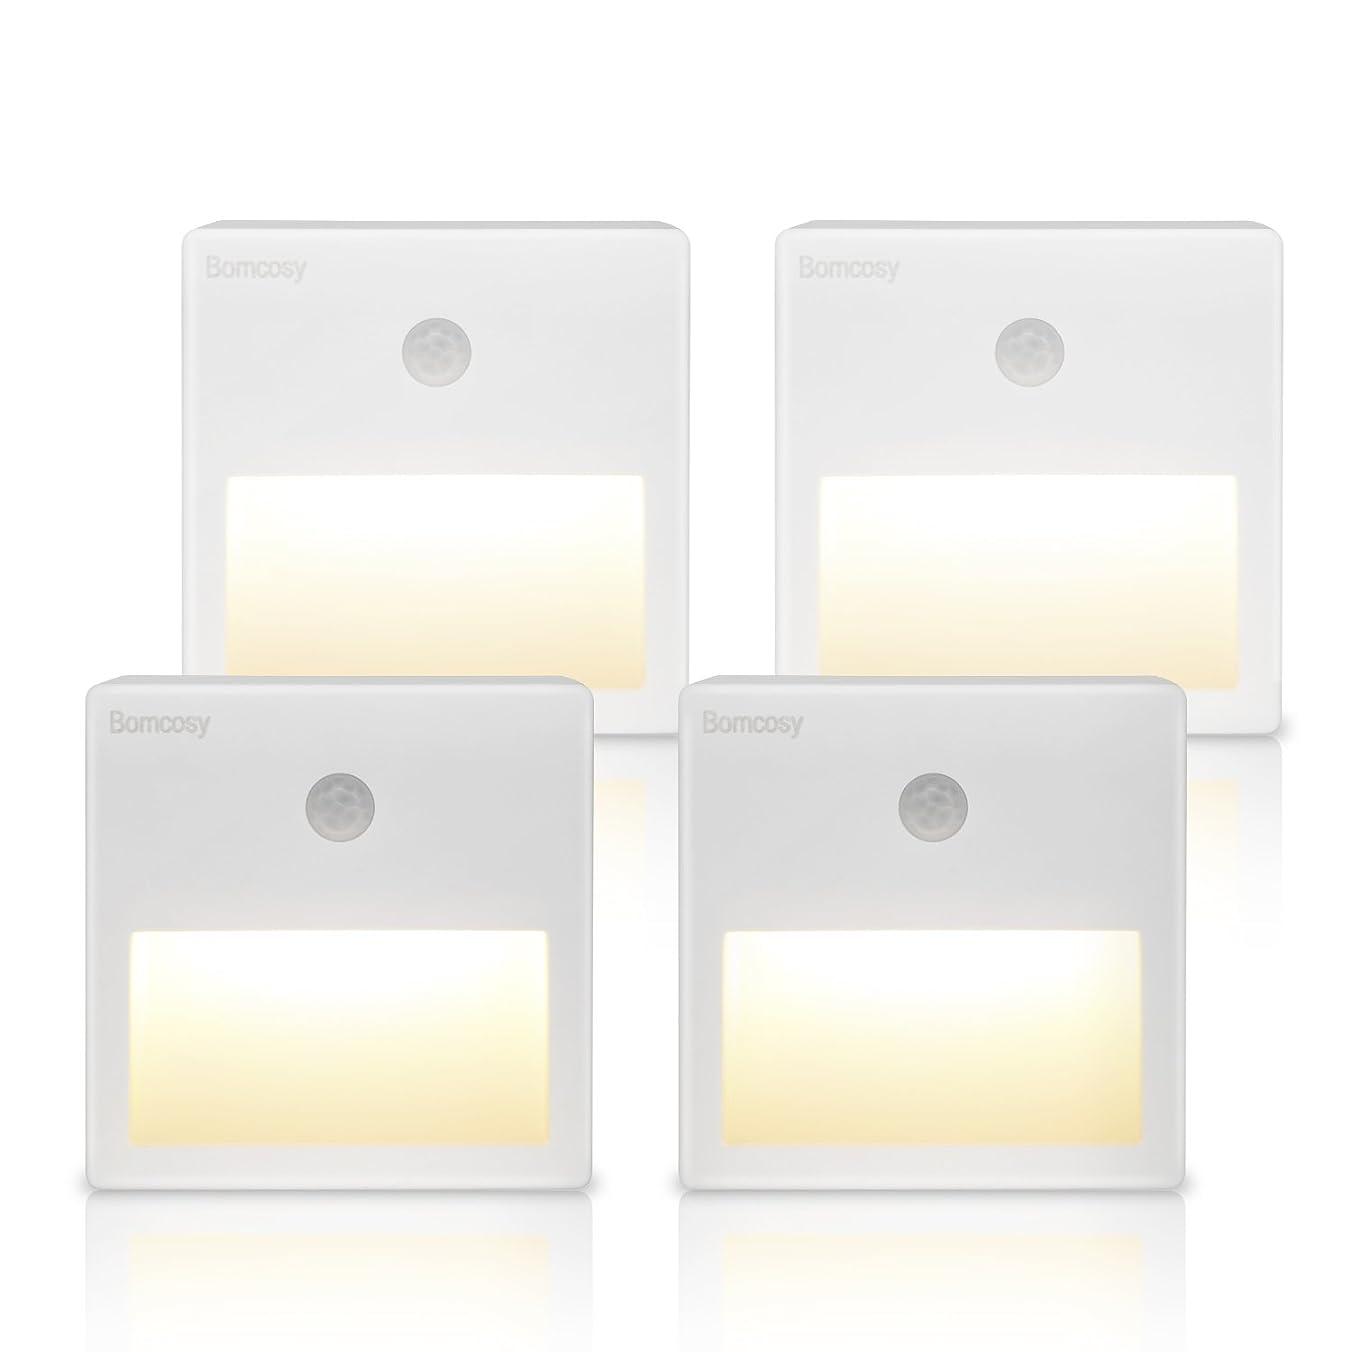 宮殿クリークホールドBomcosy LED足元灯 赤外線センサーライト LEDライト 室内階段下 廊下 部屋 キッチン用常夜灯 貼り付けusb充電式 小型軽い夜間ライト 消費電力が0.4w 超省エネ 暖光色3000K USB 接口 4個セット …